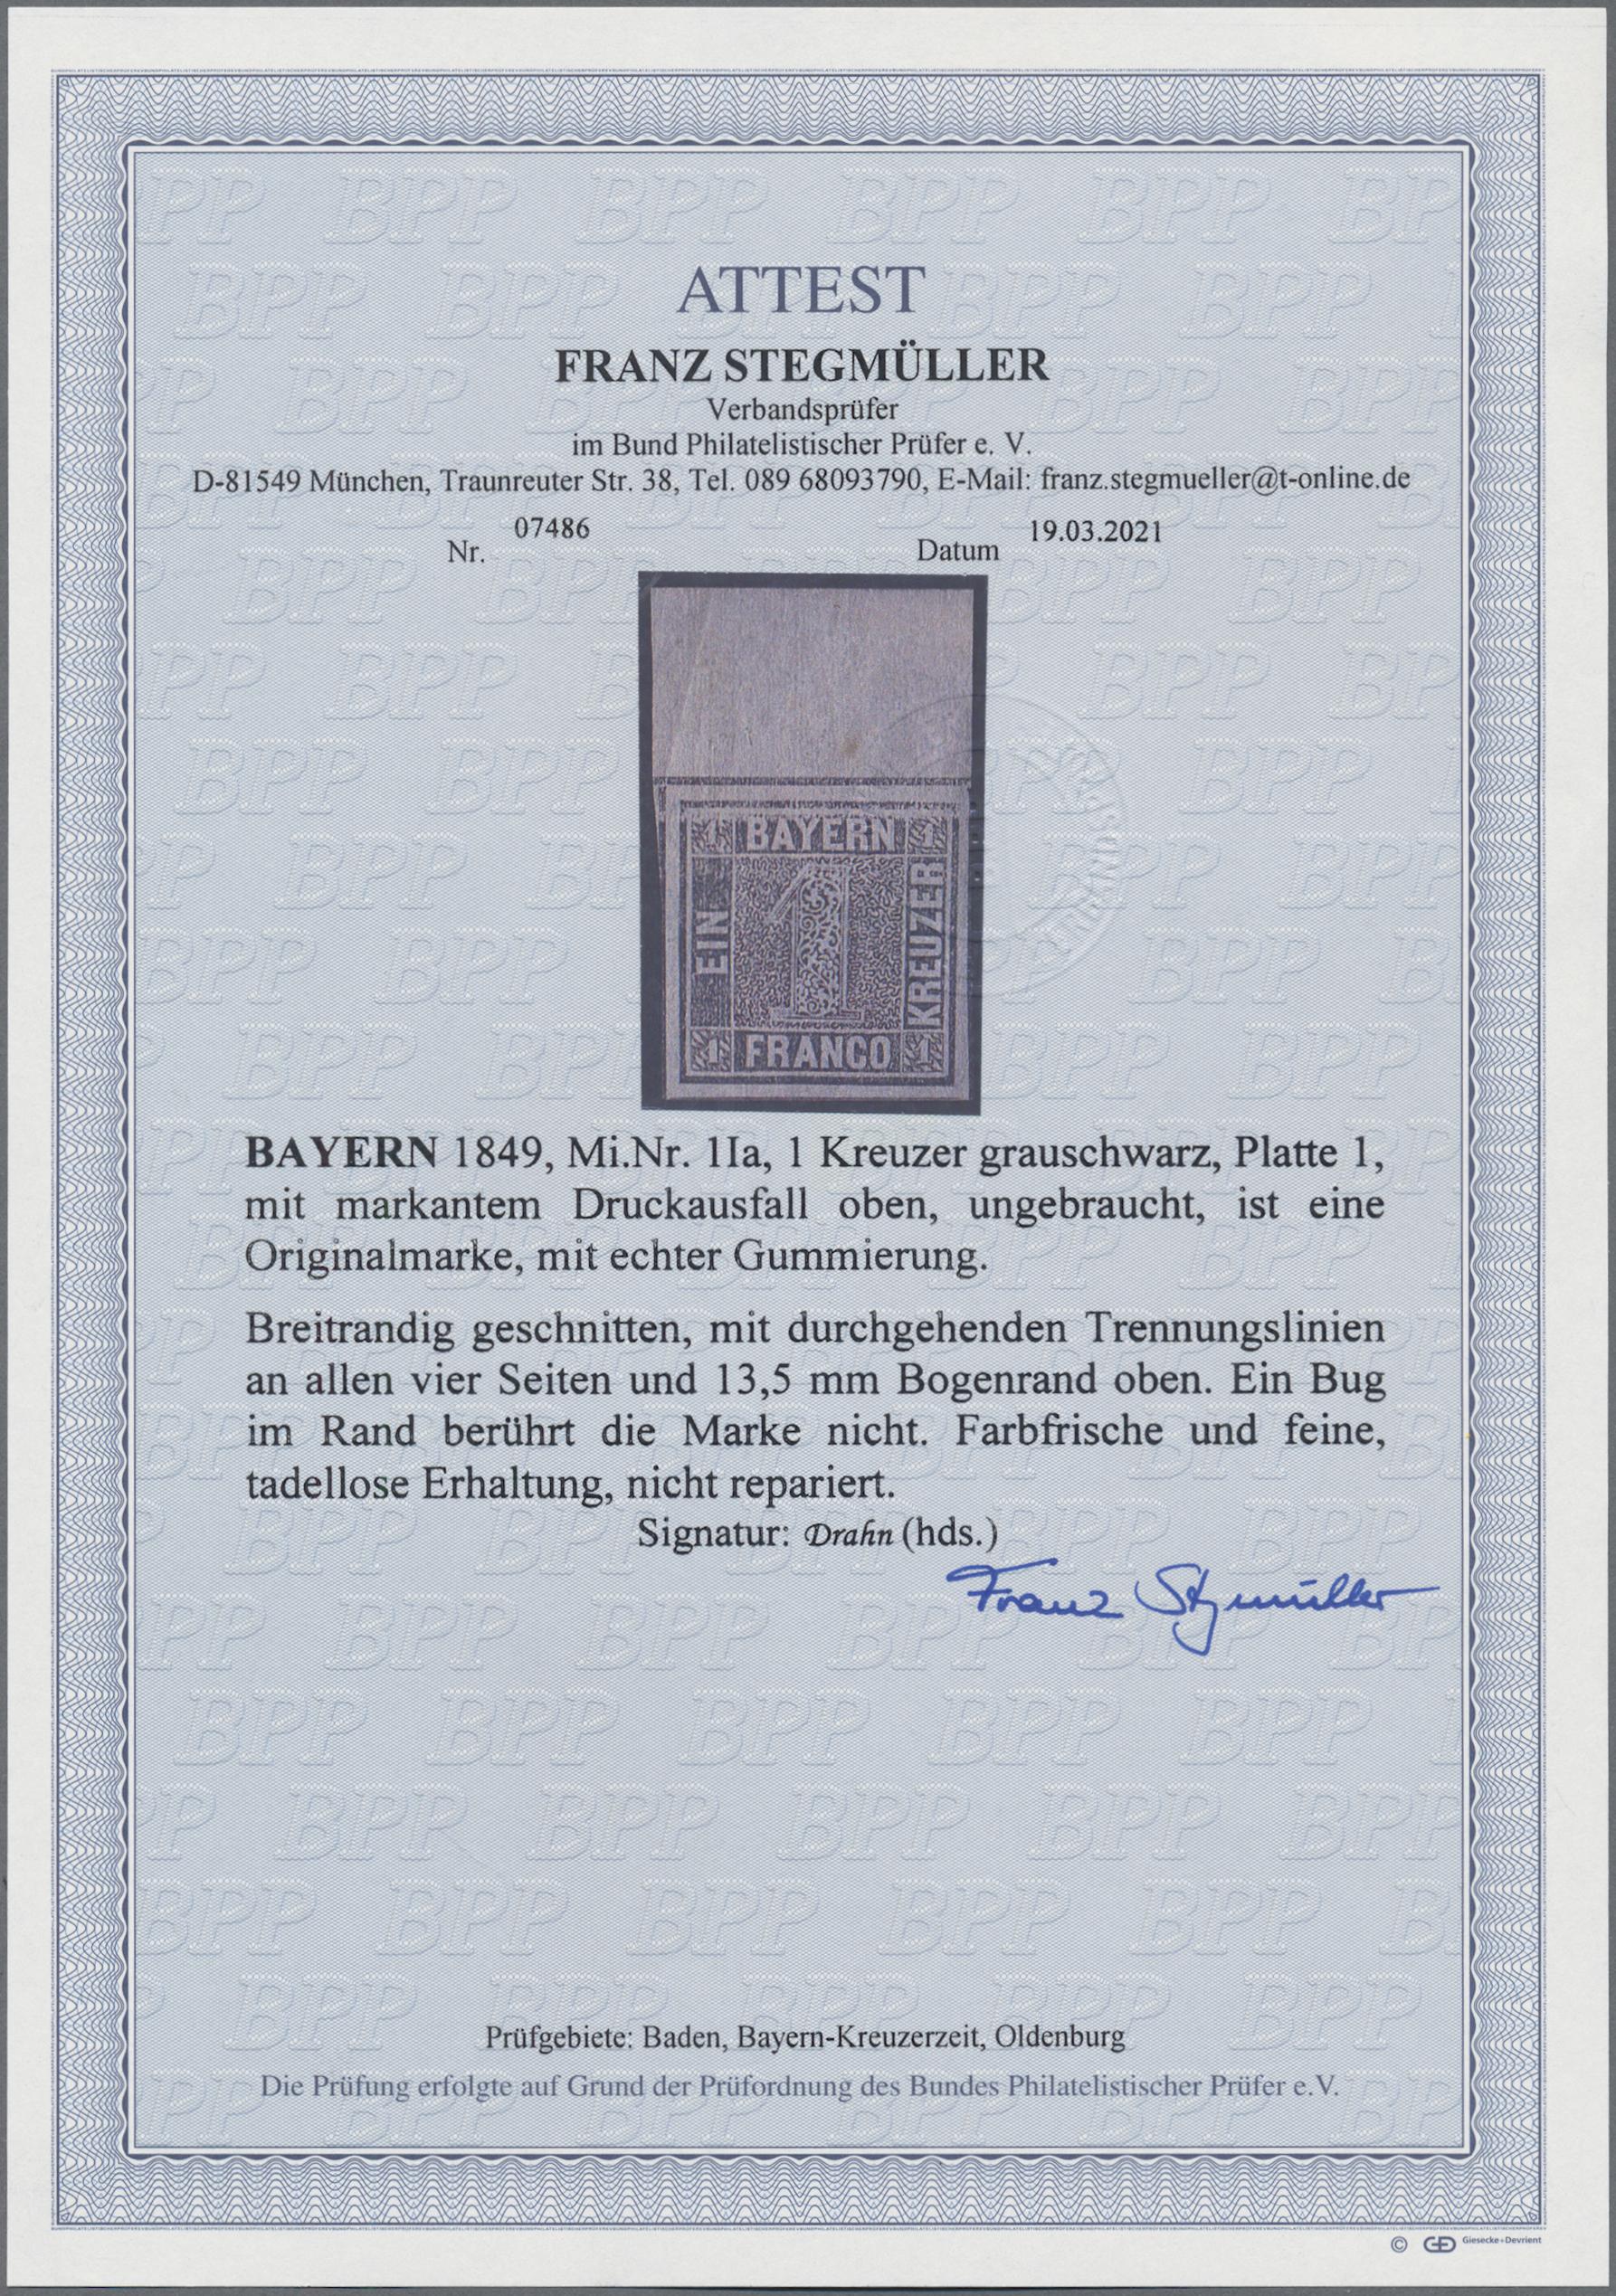 Lot 05021 - Bayern - Marken und Briefe  -  Auktionshaus Christoph Gärtner GmbH & Co. KG 51th Auction - Day 3